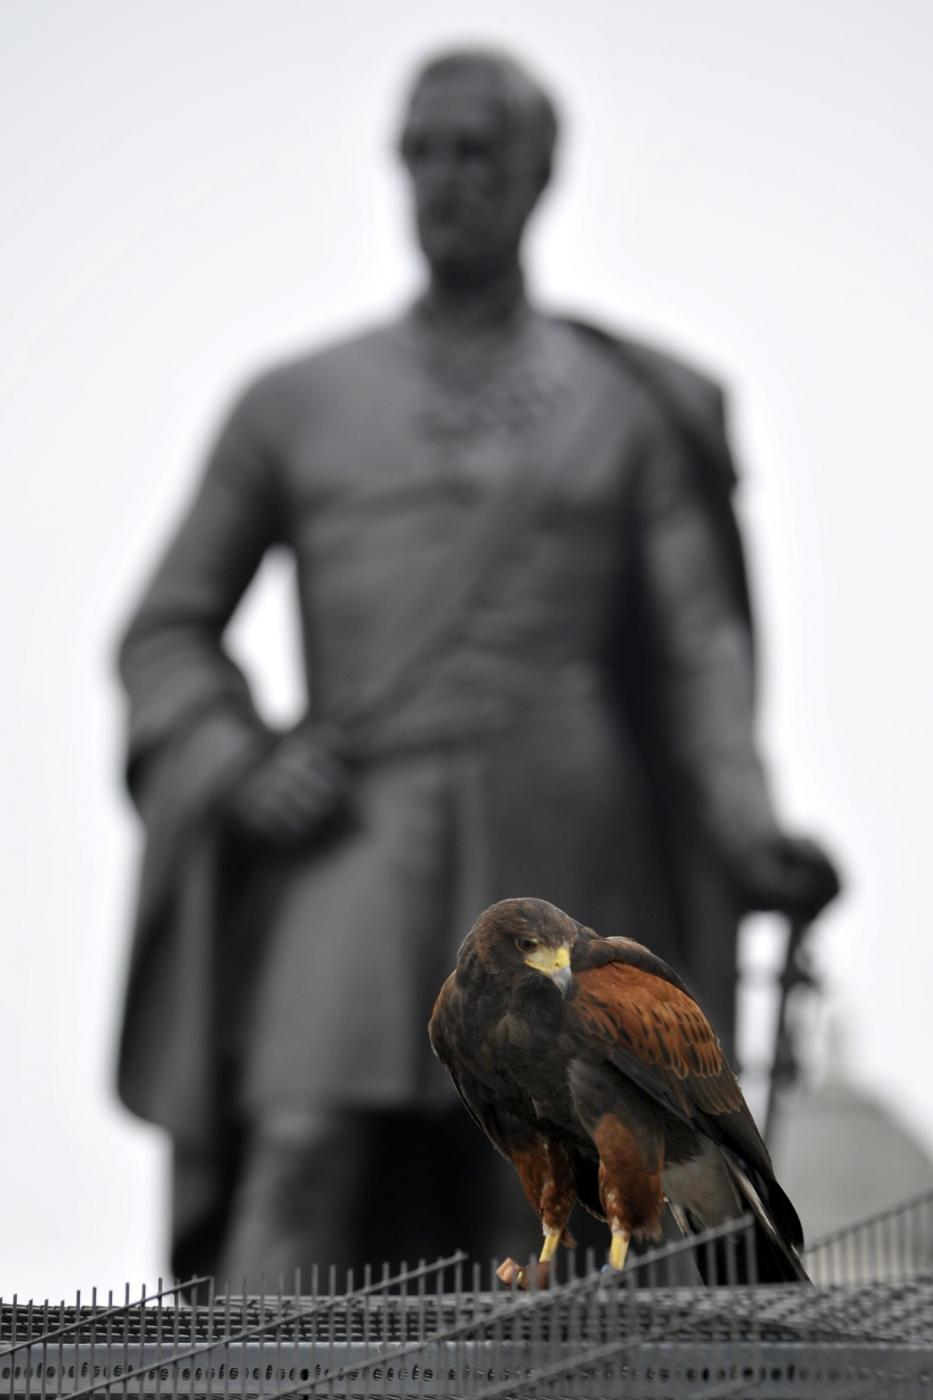 Il falco di Trafalgar square07